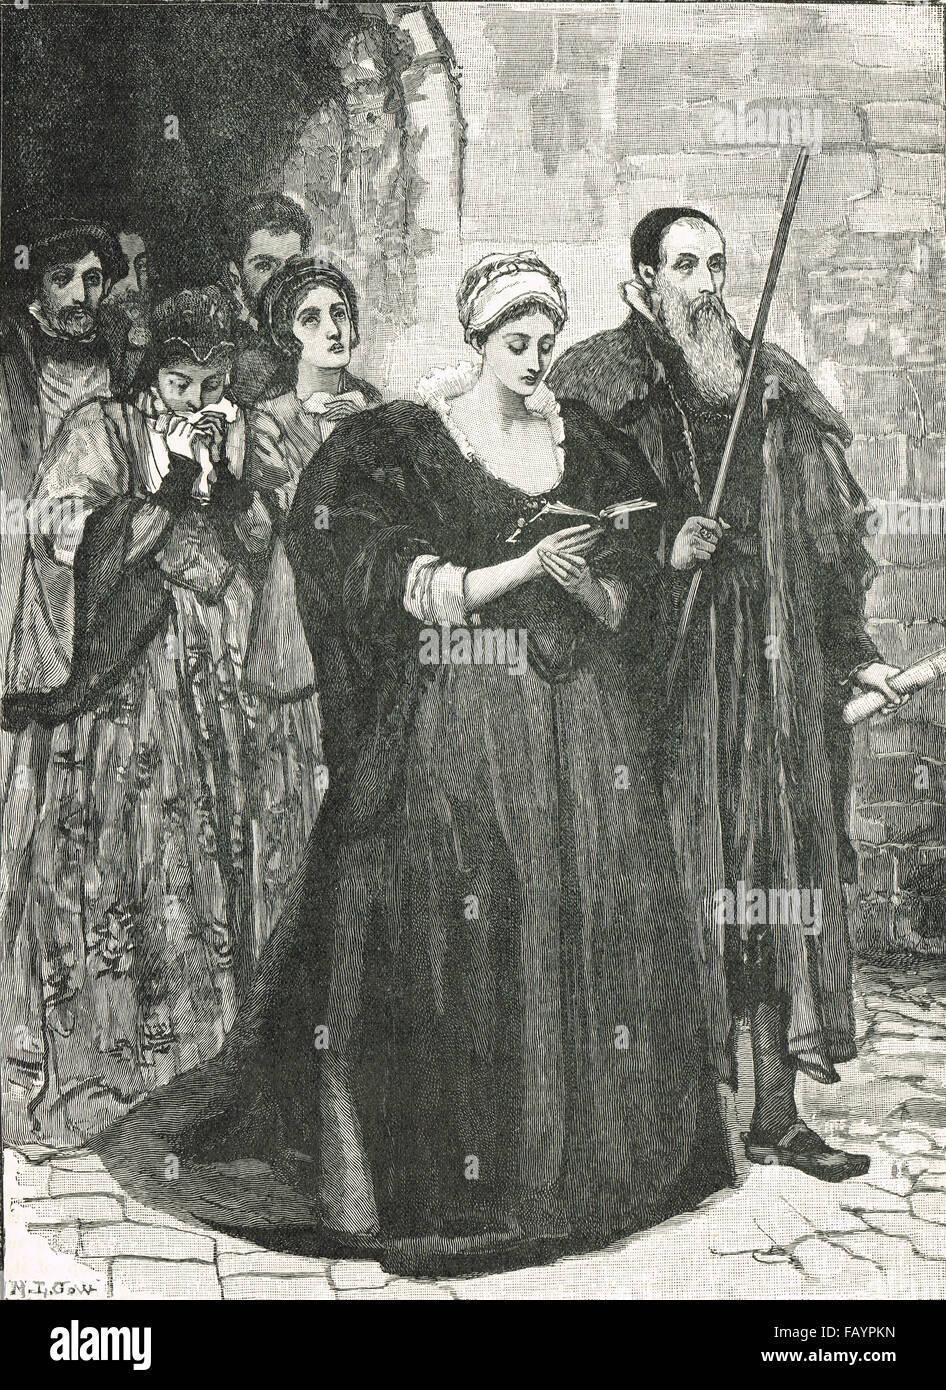 La ejecución de Lady Jane Grey, 12 de febrero de 1554 Imagen De Stock